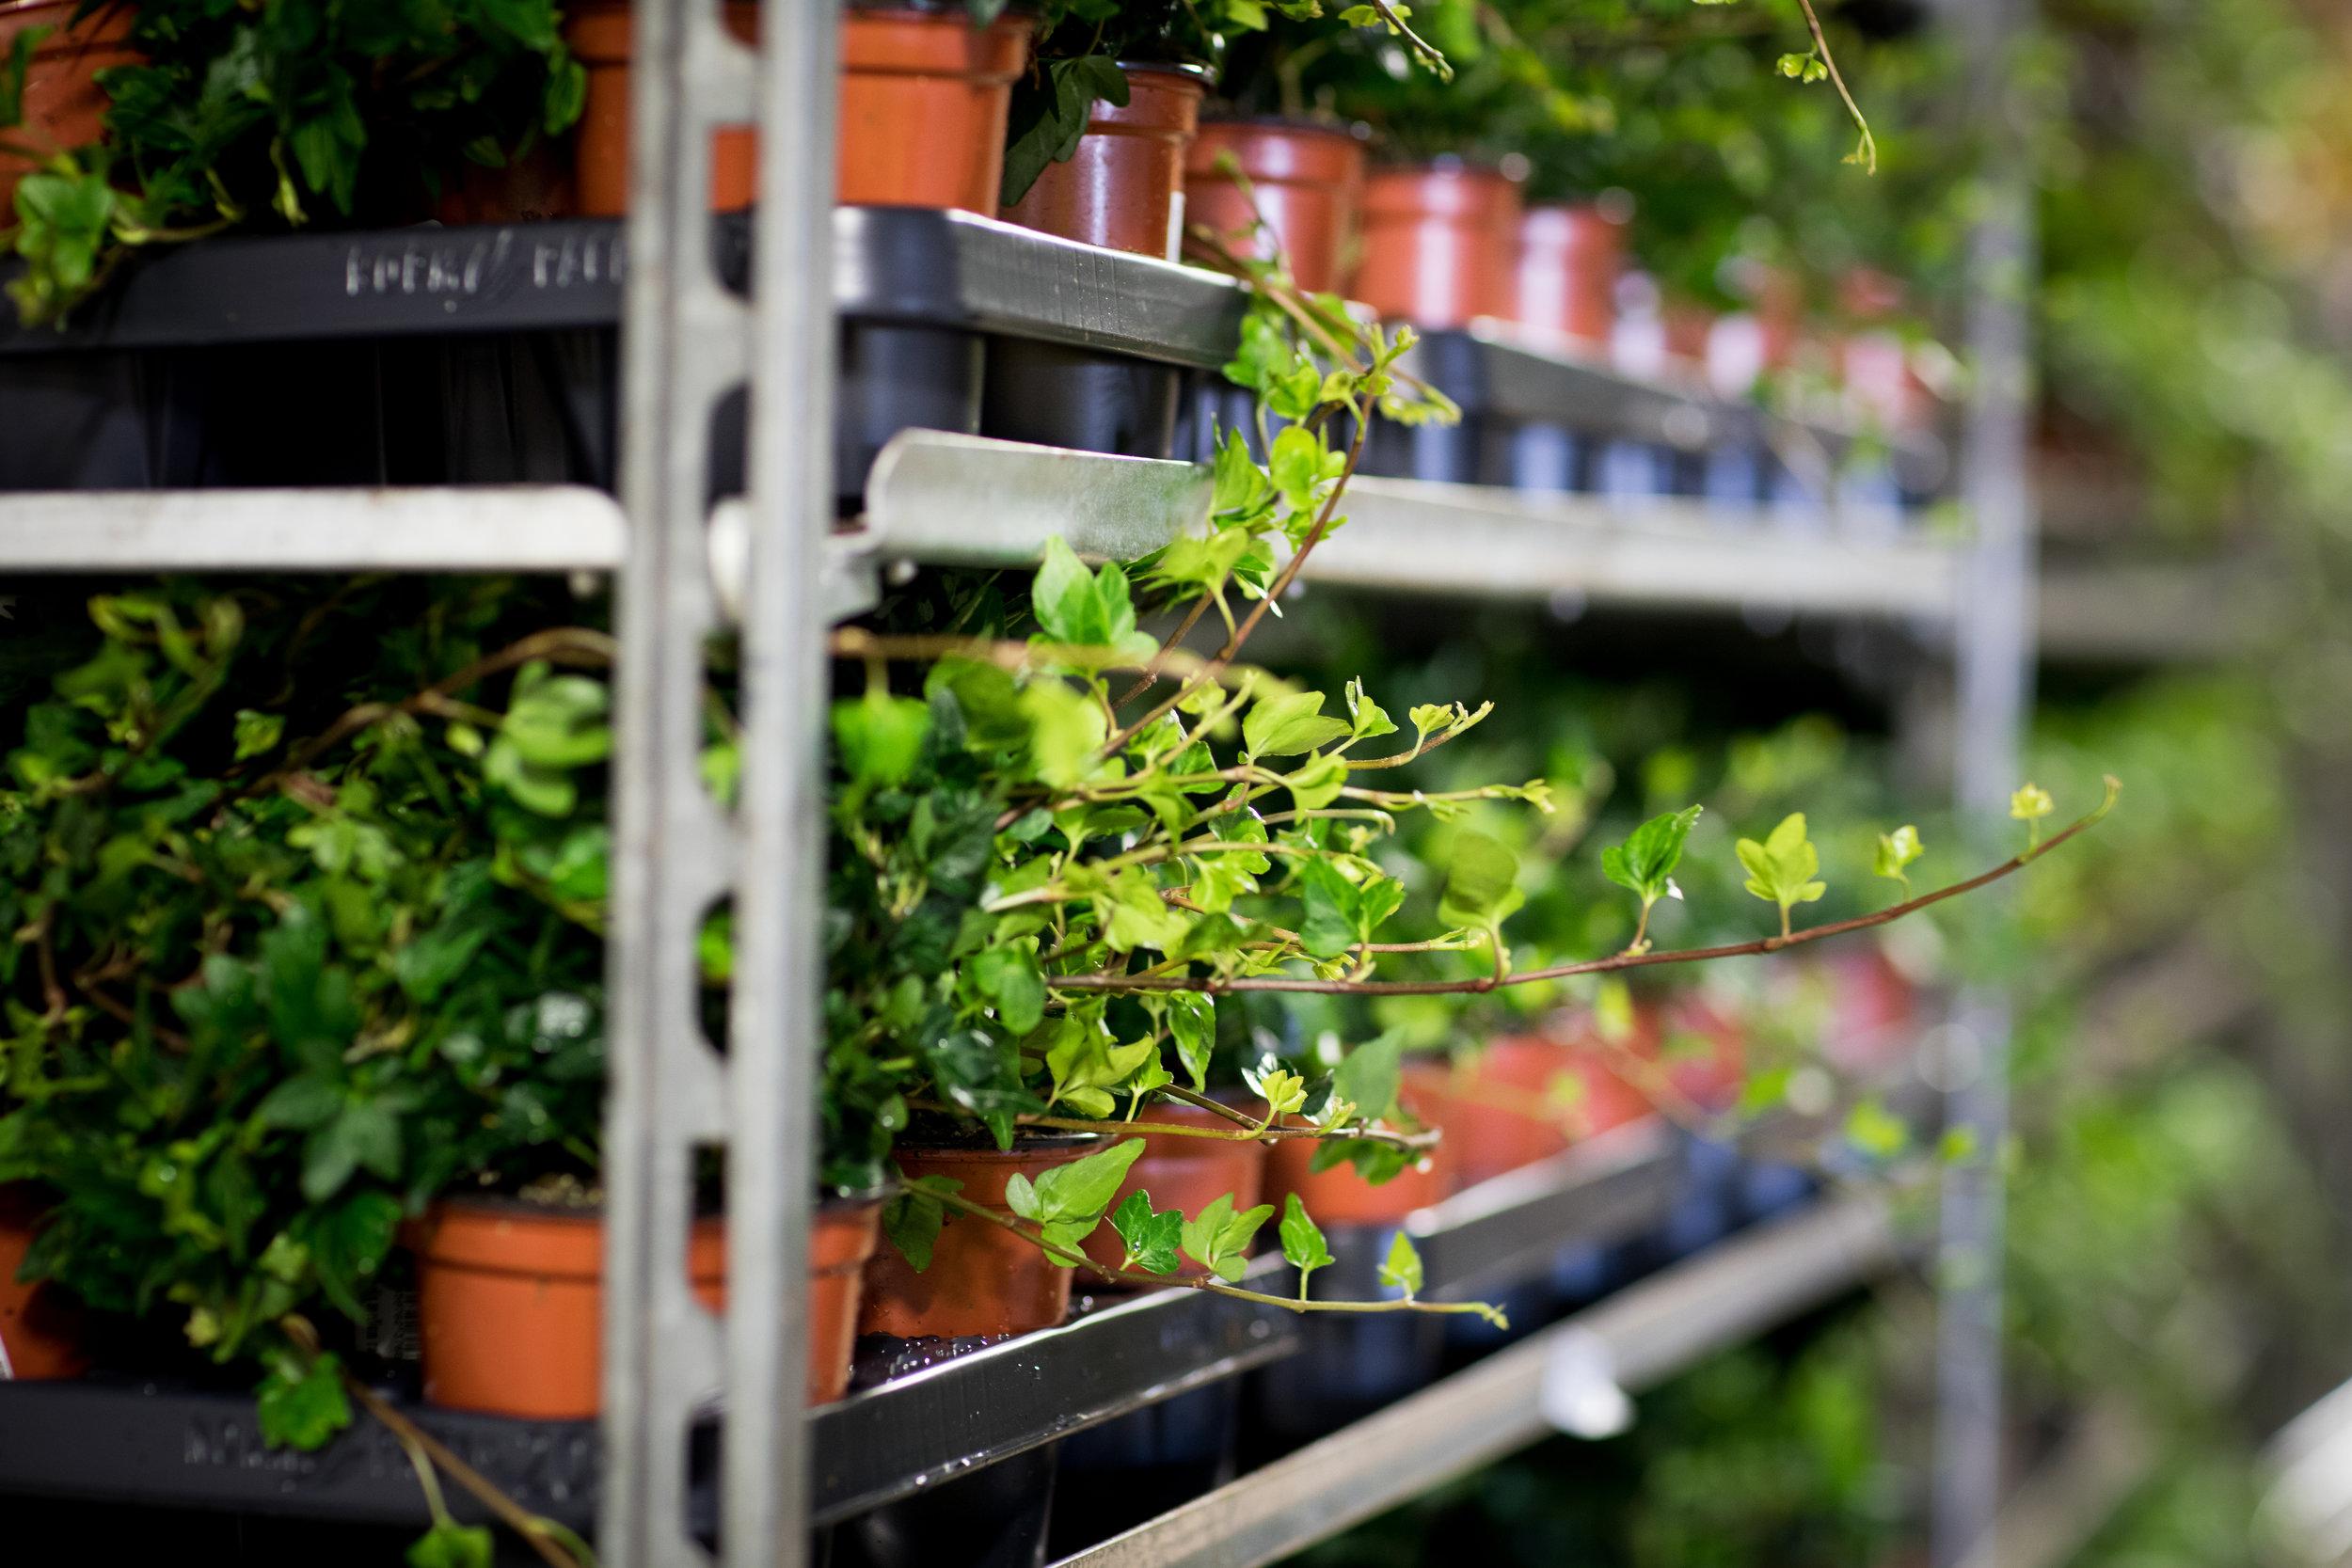 Alle plantene settes skånsomt inn på blomstercontaineren, for å ta vare på alle blader.